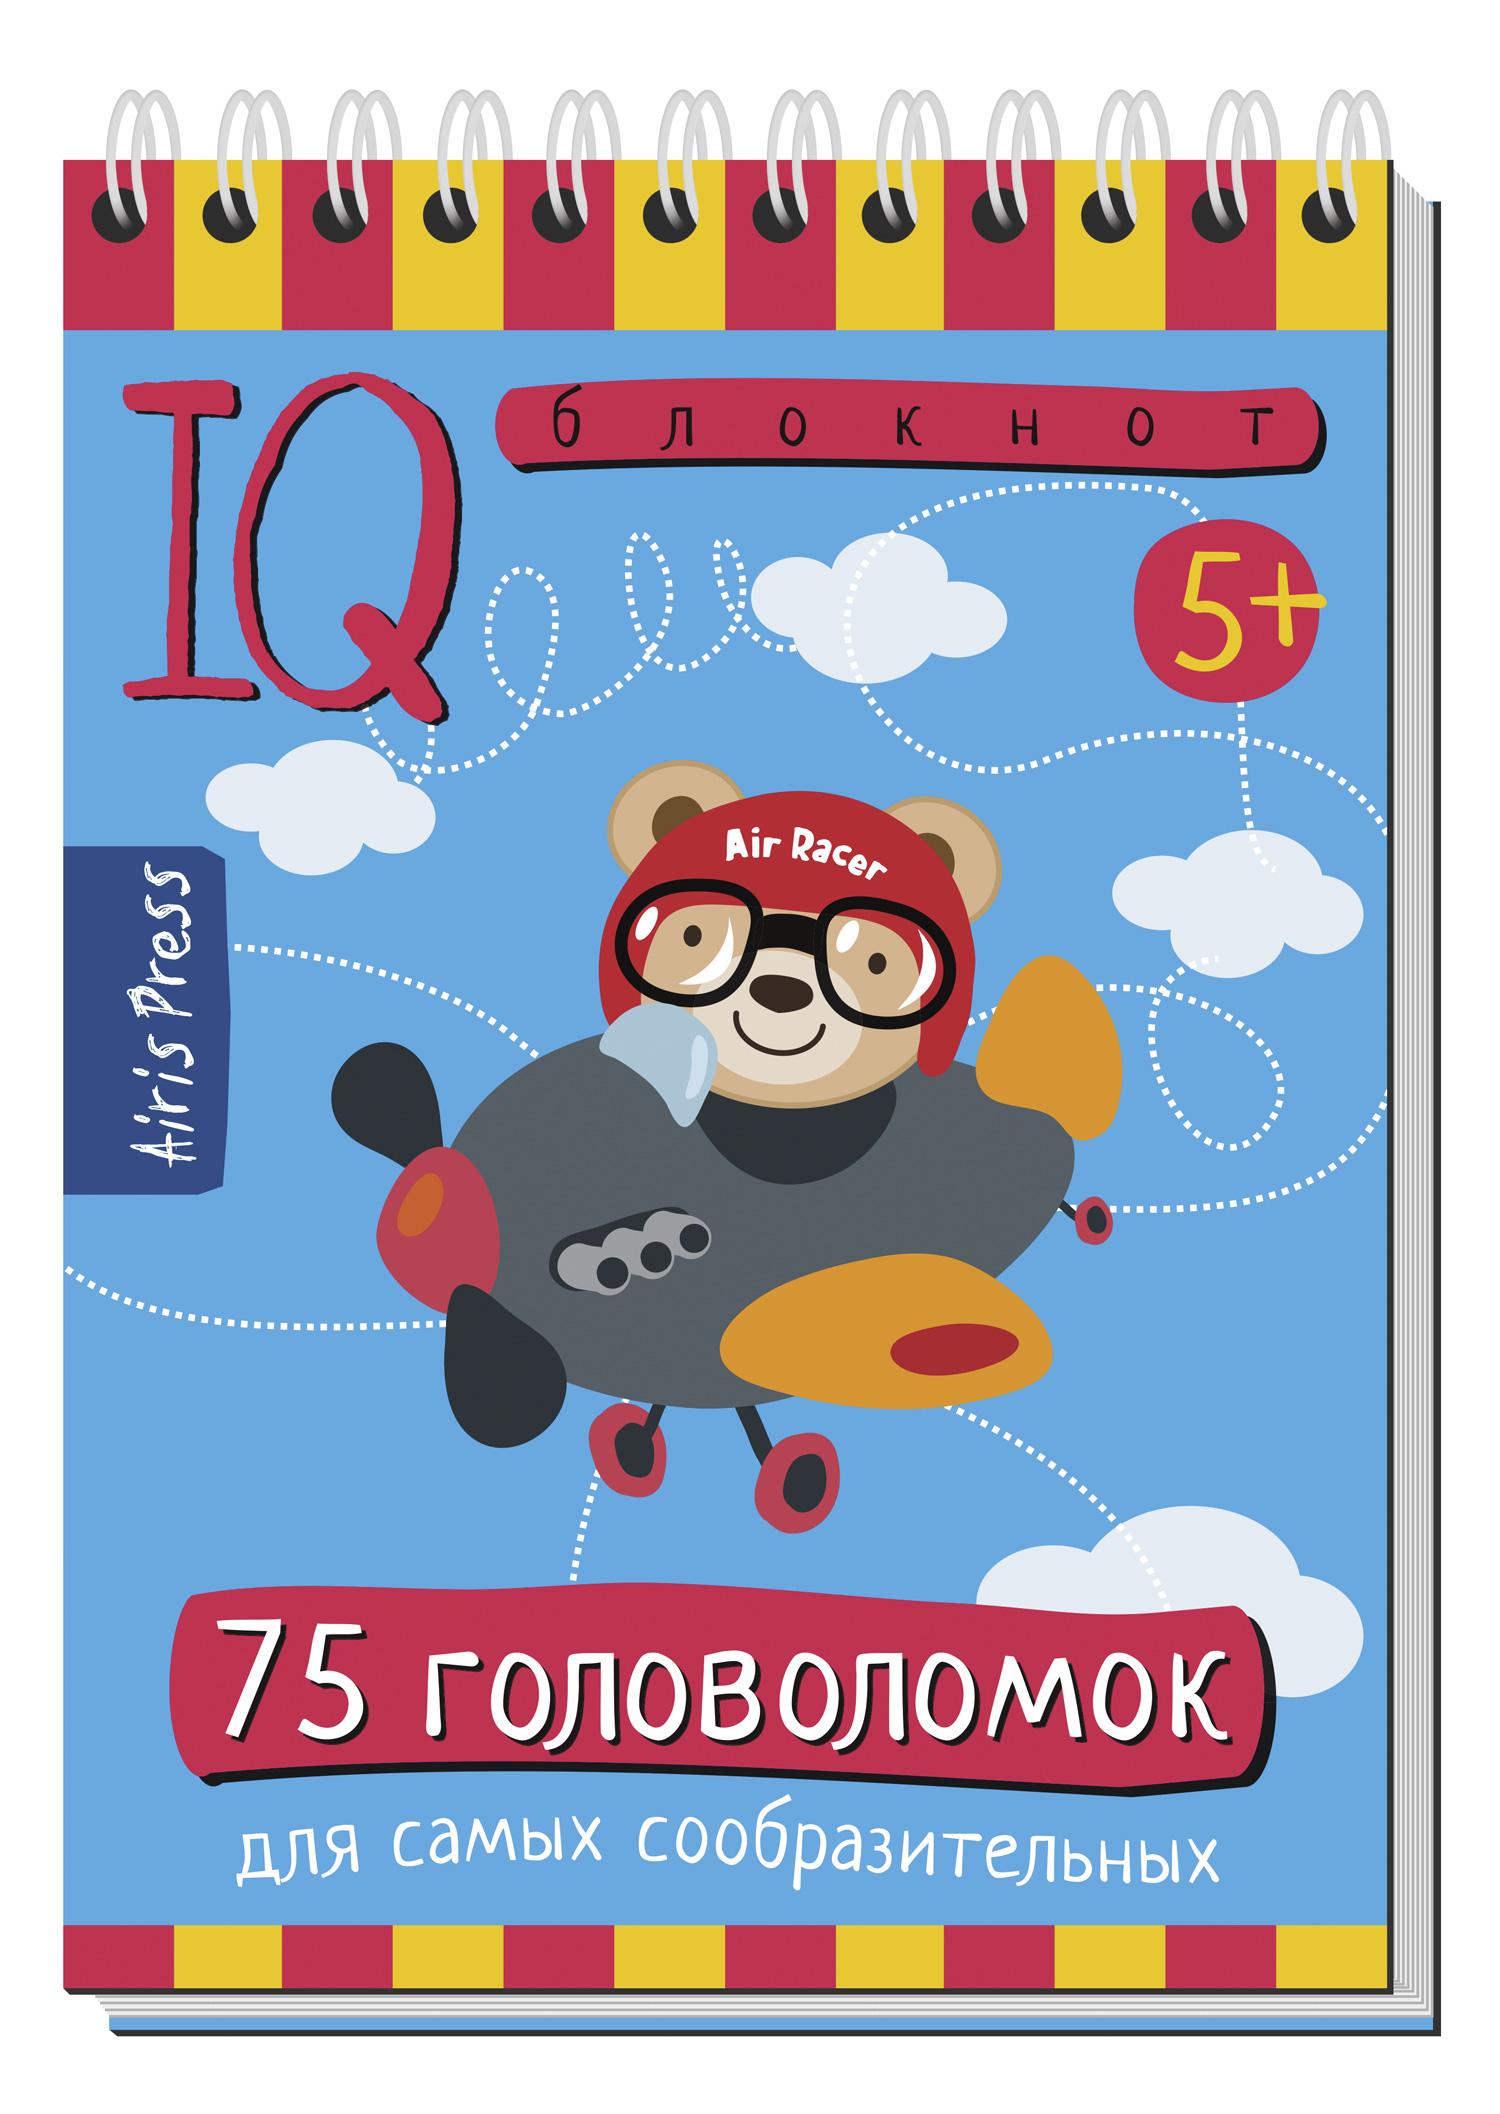 Купить АЙРИС-ПРЕСС Умный блокнот. 75 головоломок [25456], Обучающие материалы и авторские методики для детей